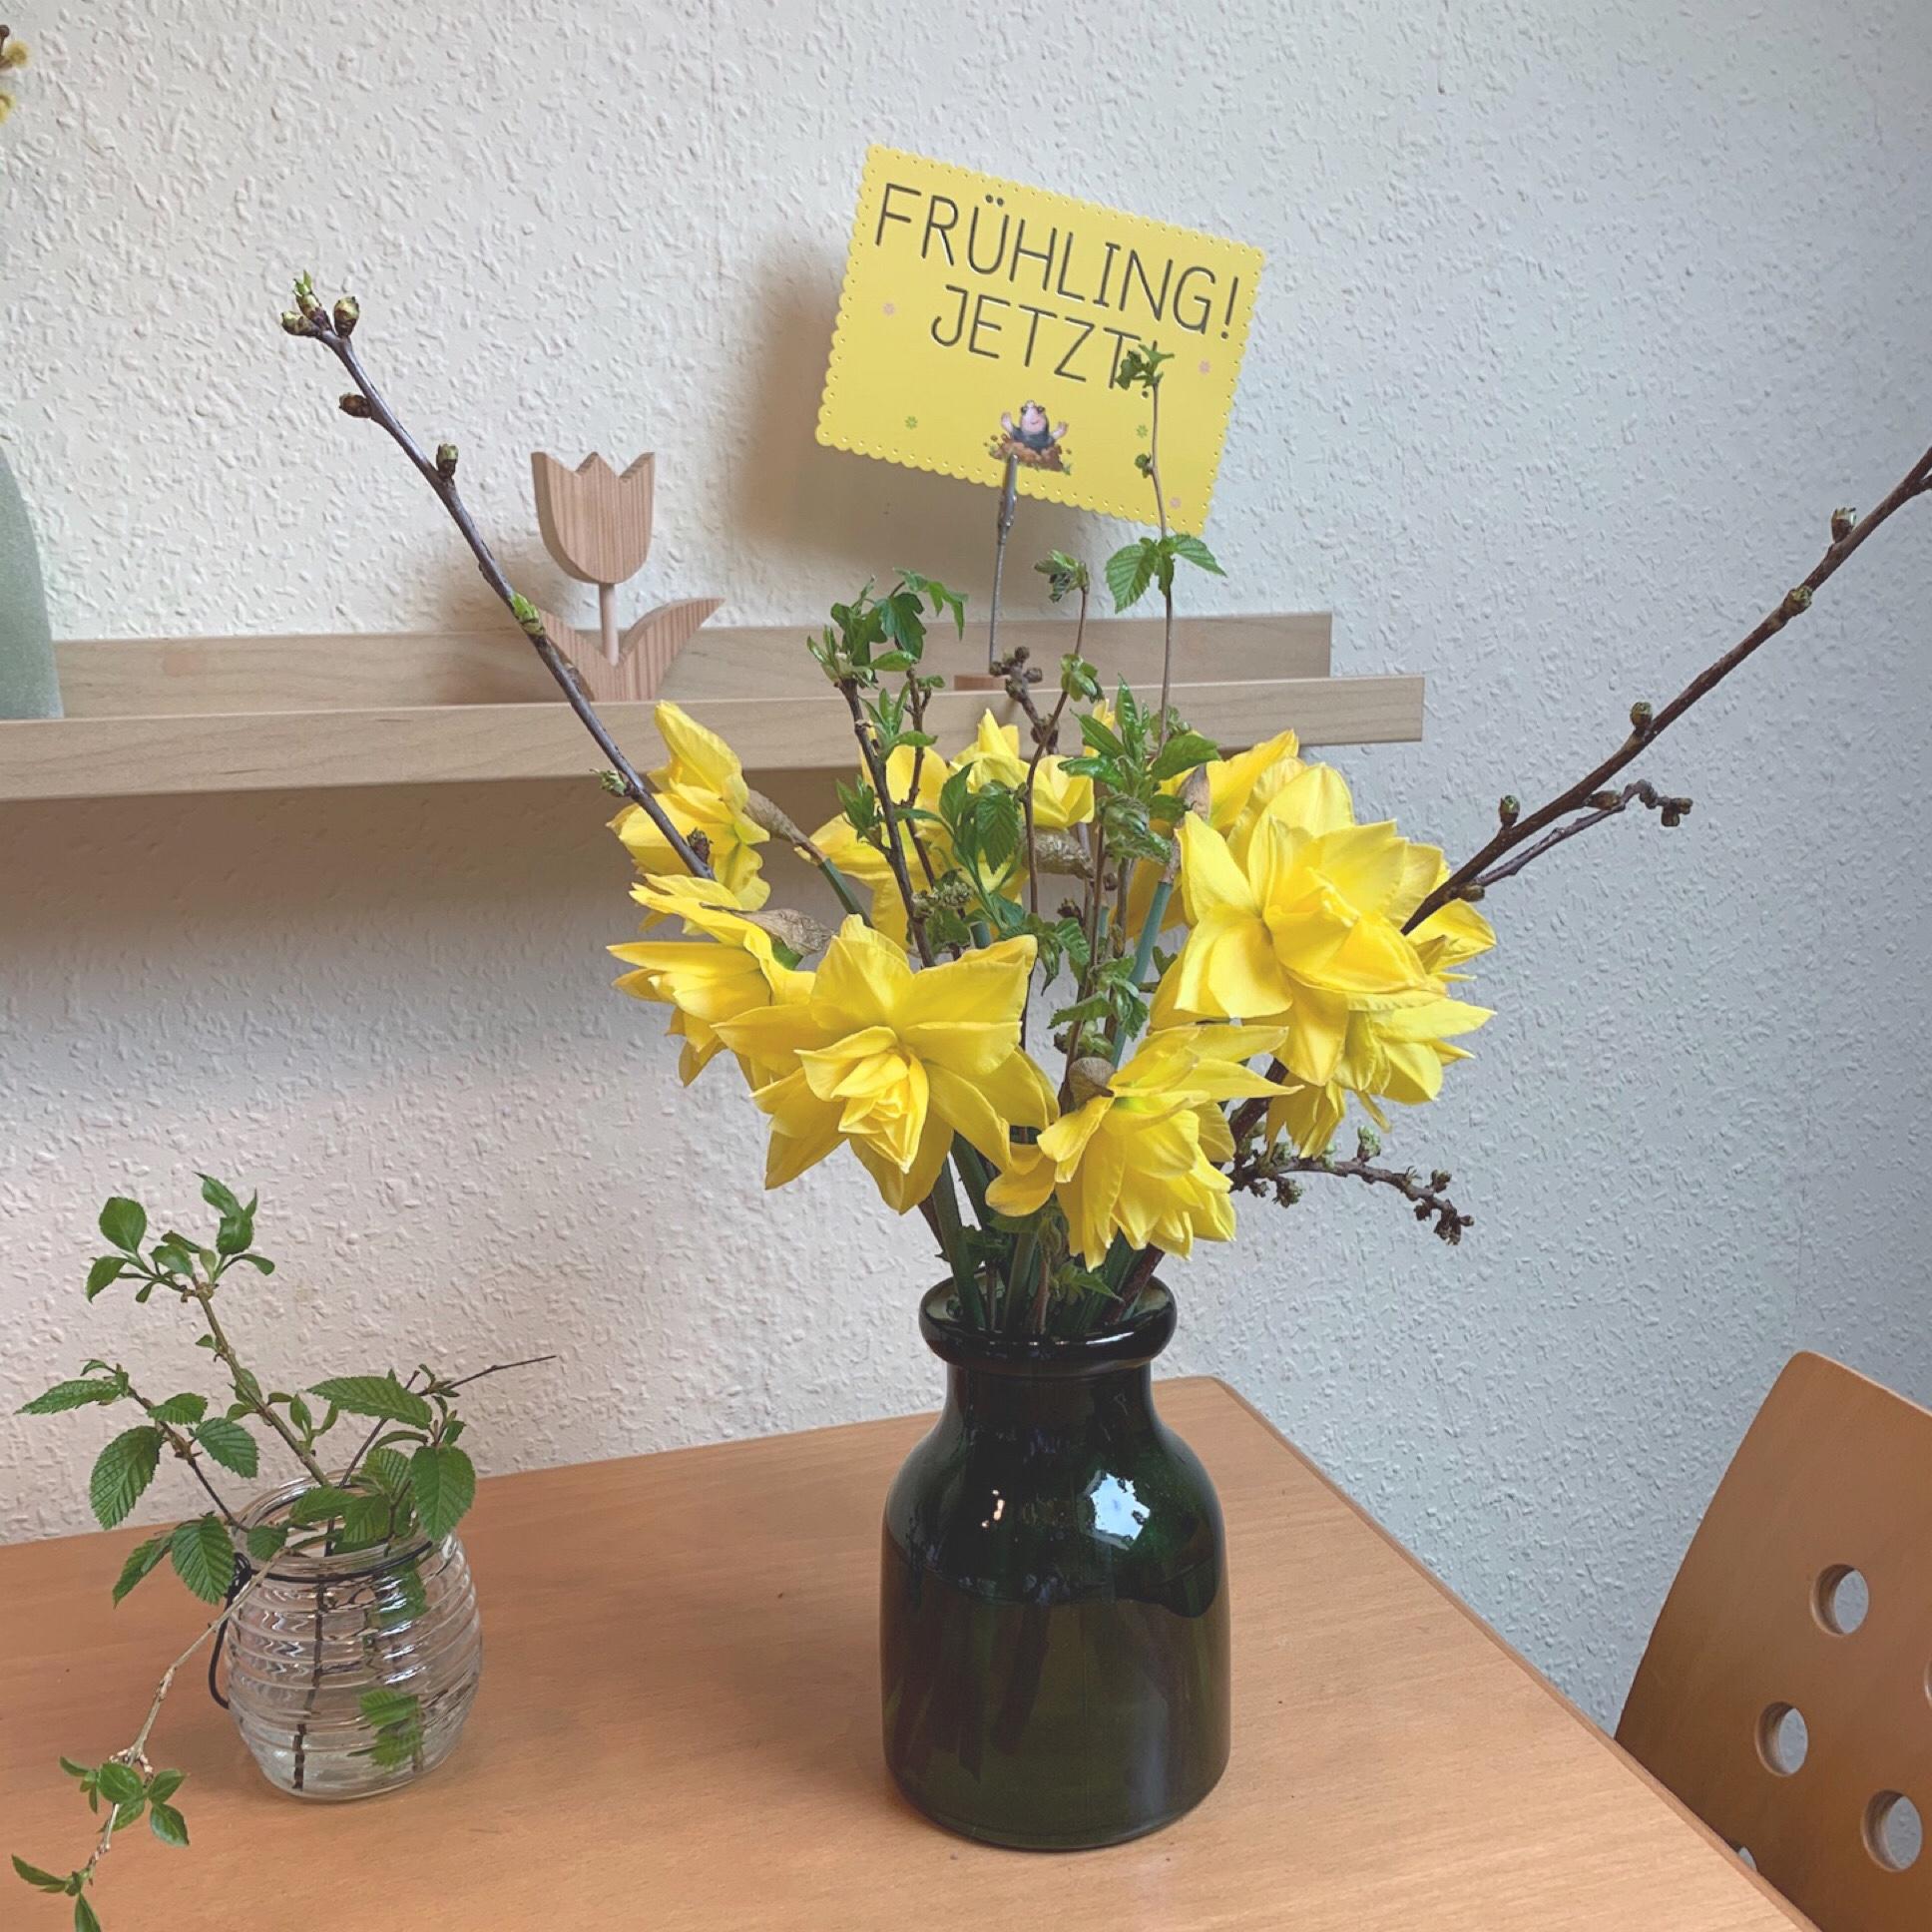 Friday-Flowerday – oder – Frühling, jetzt!!